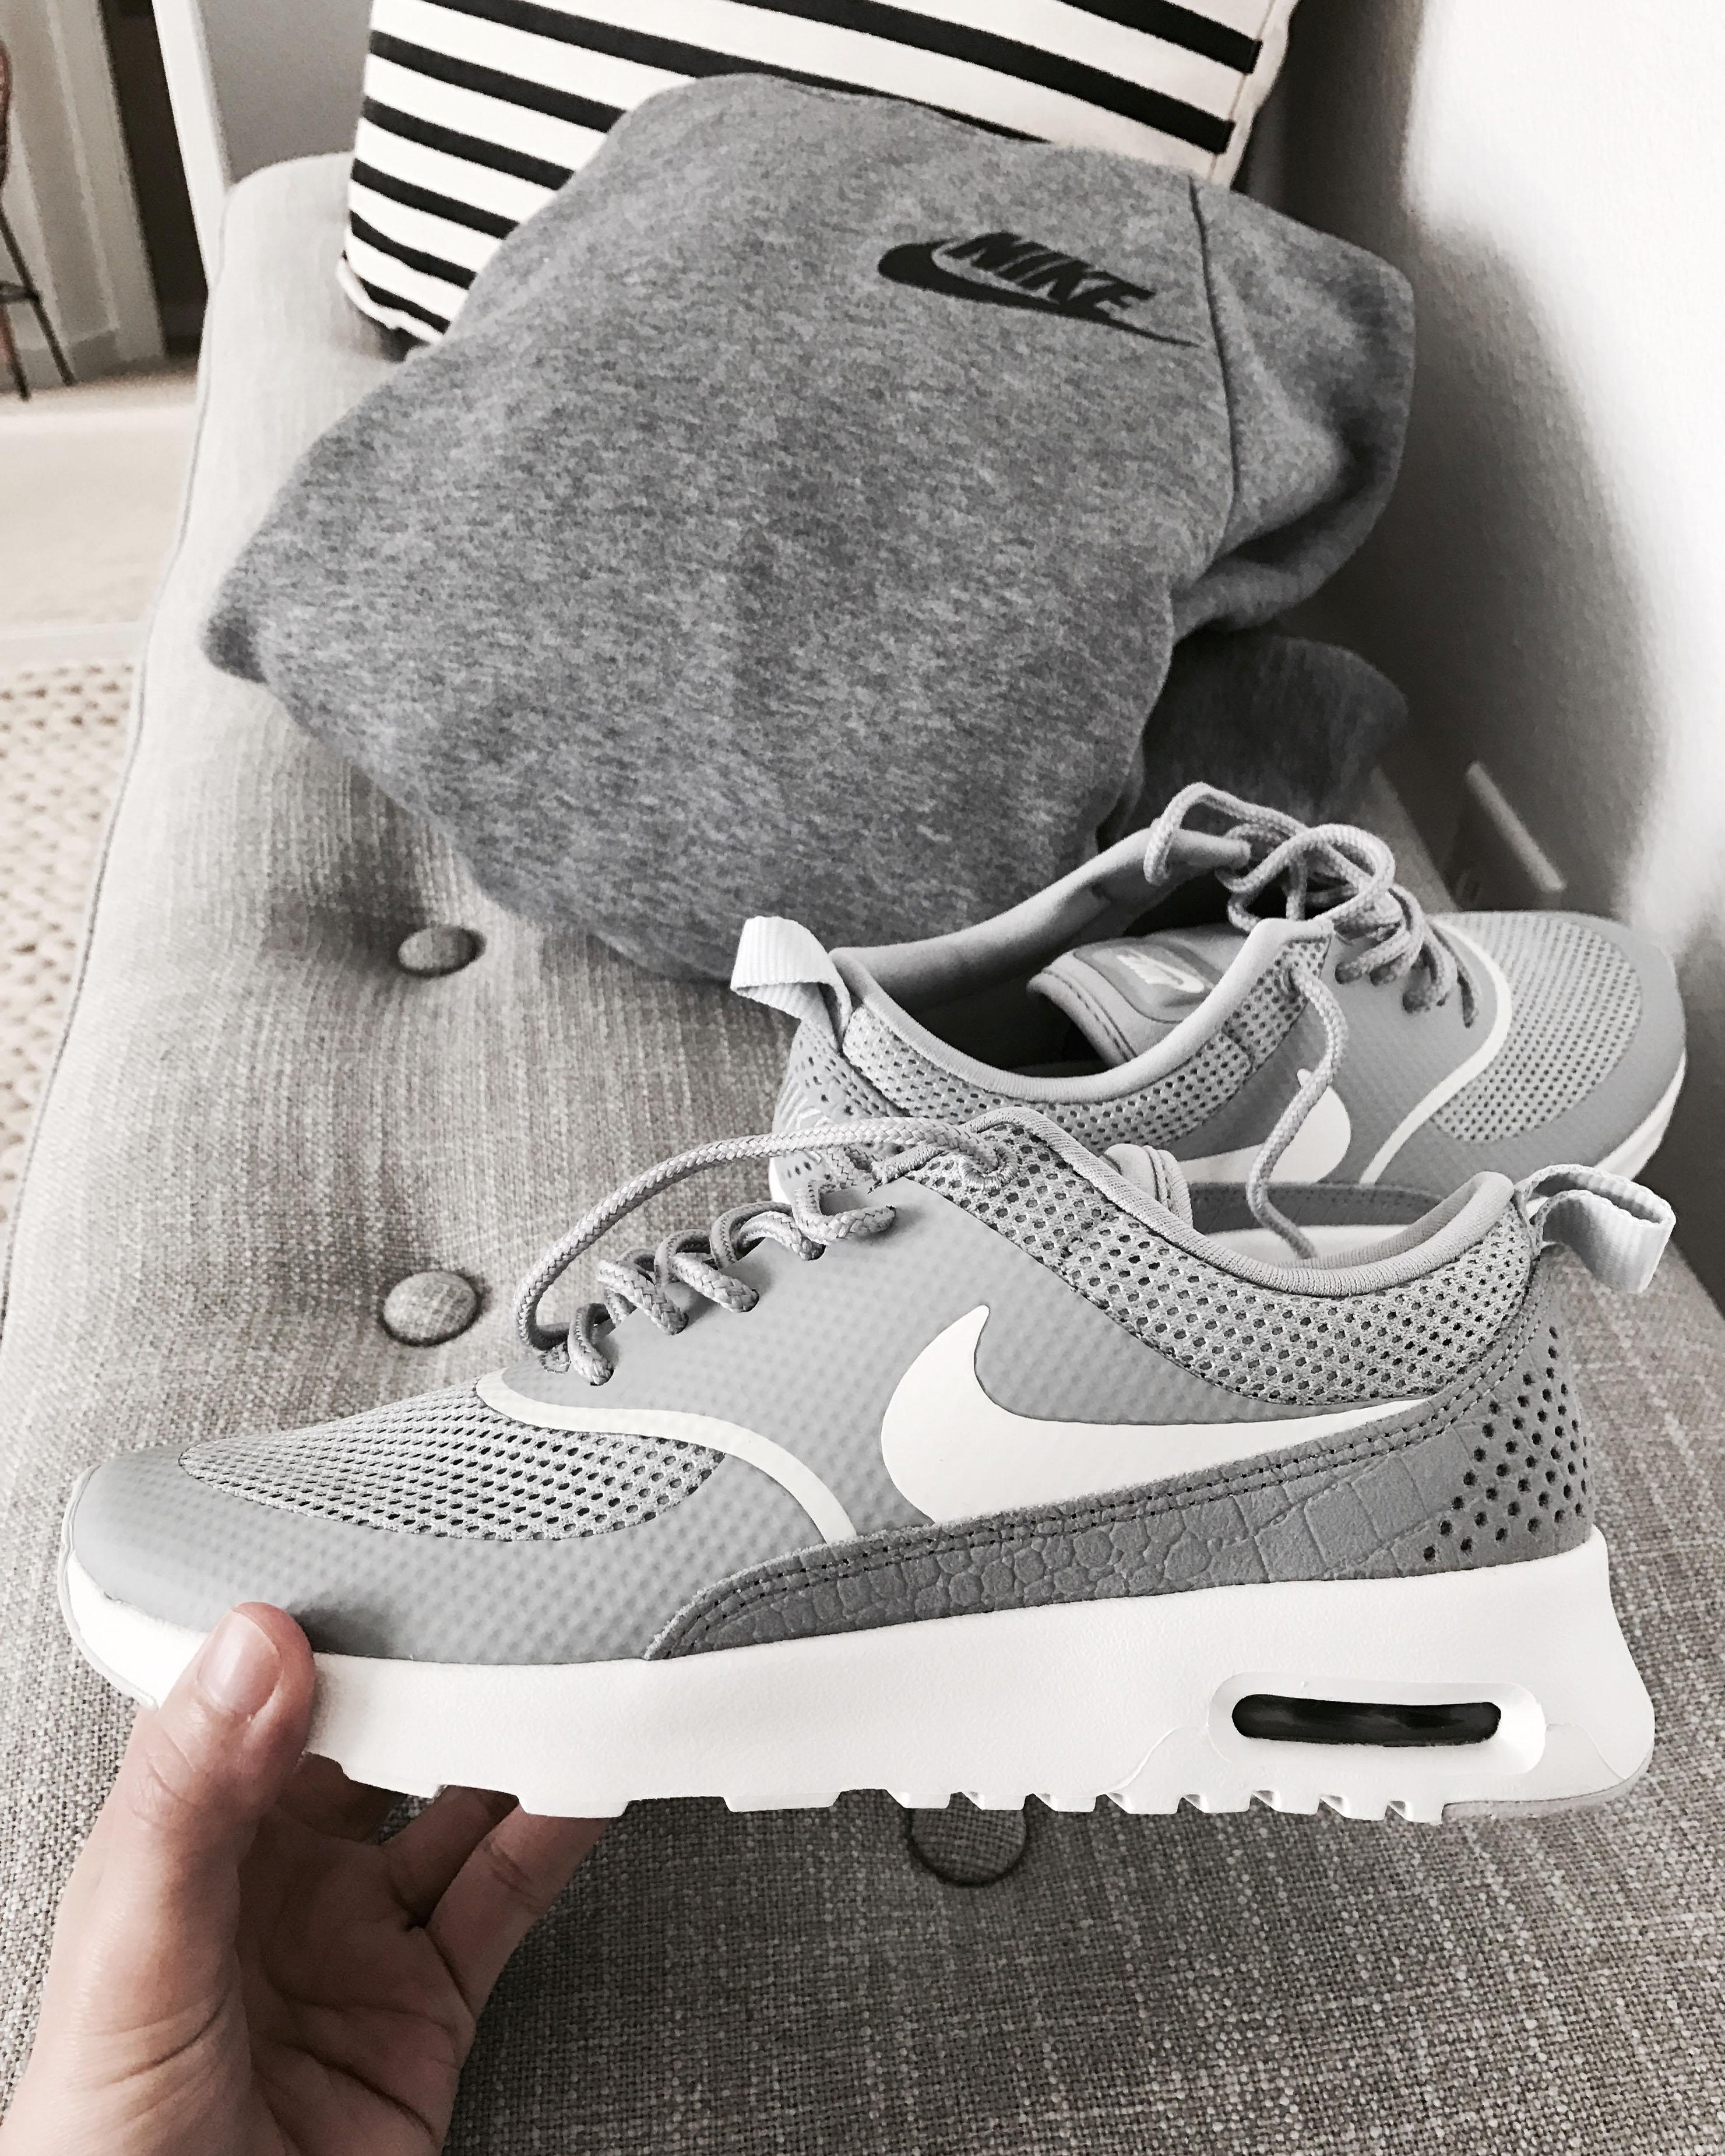 Nike Air Max Thea Gray